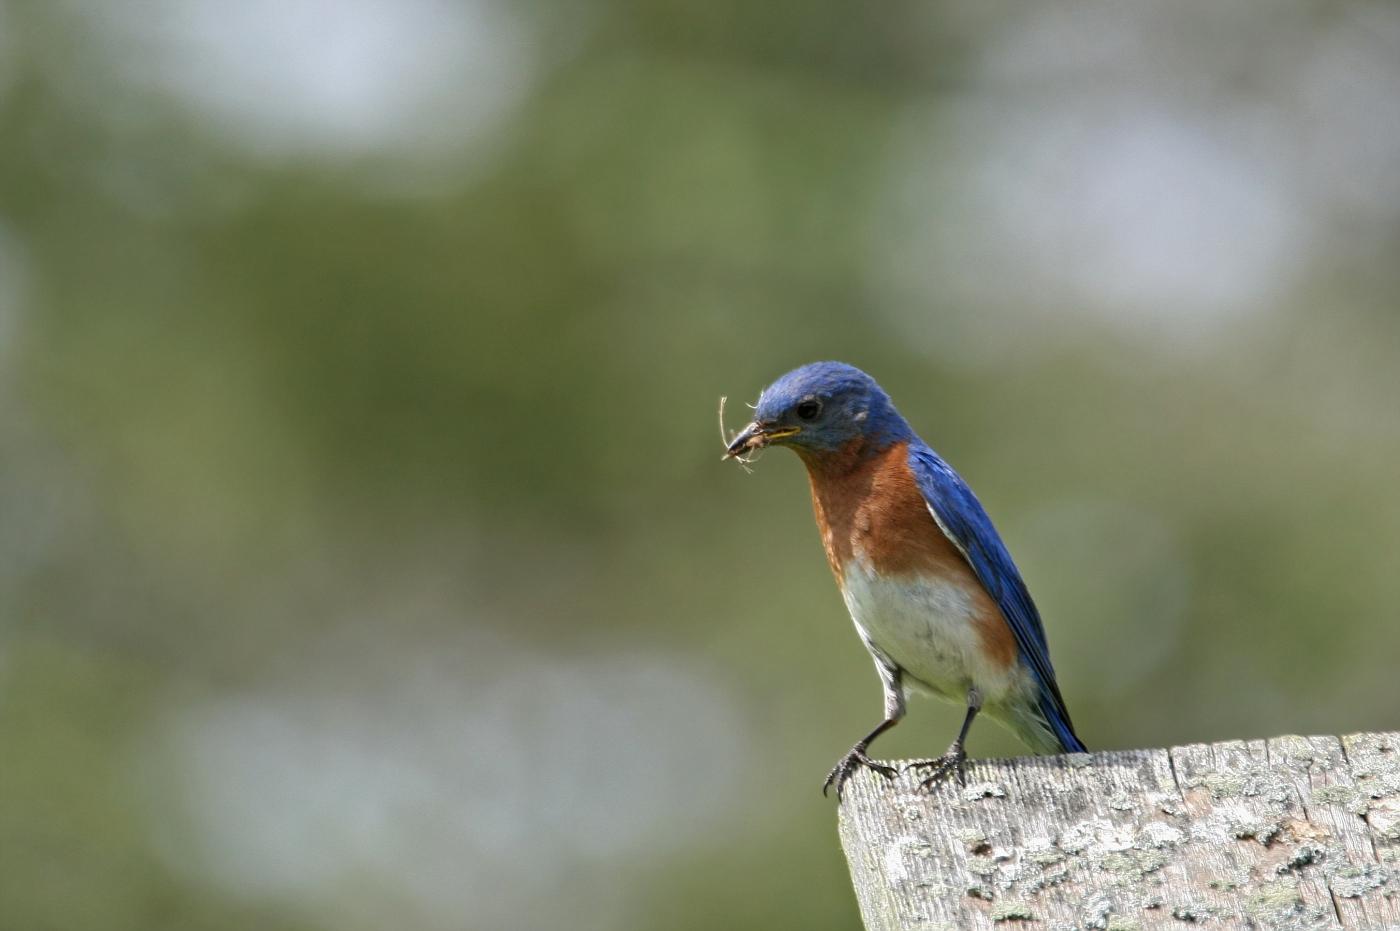 Male Bluebird #16